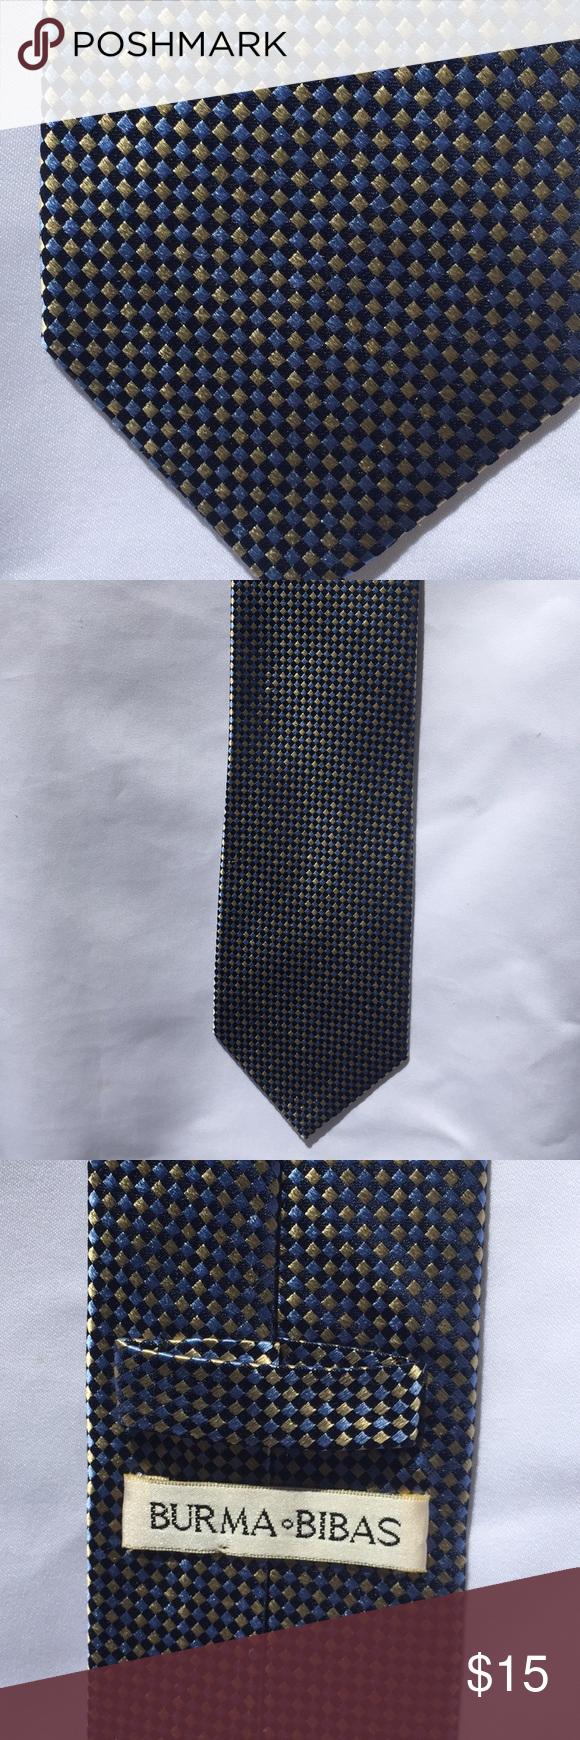 Xiacai Fashion Dog Suspender/&Bow Tie Set Adjustable Clip-On Y-Suspender Kids